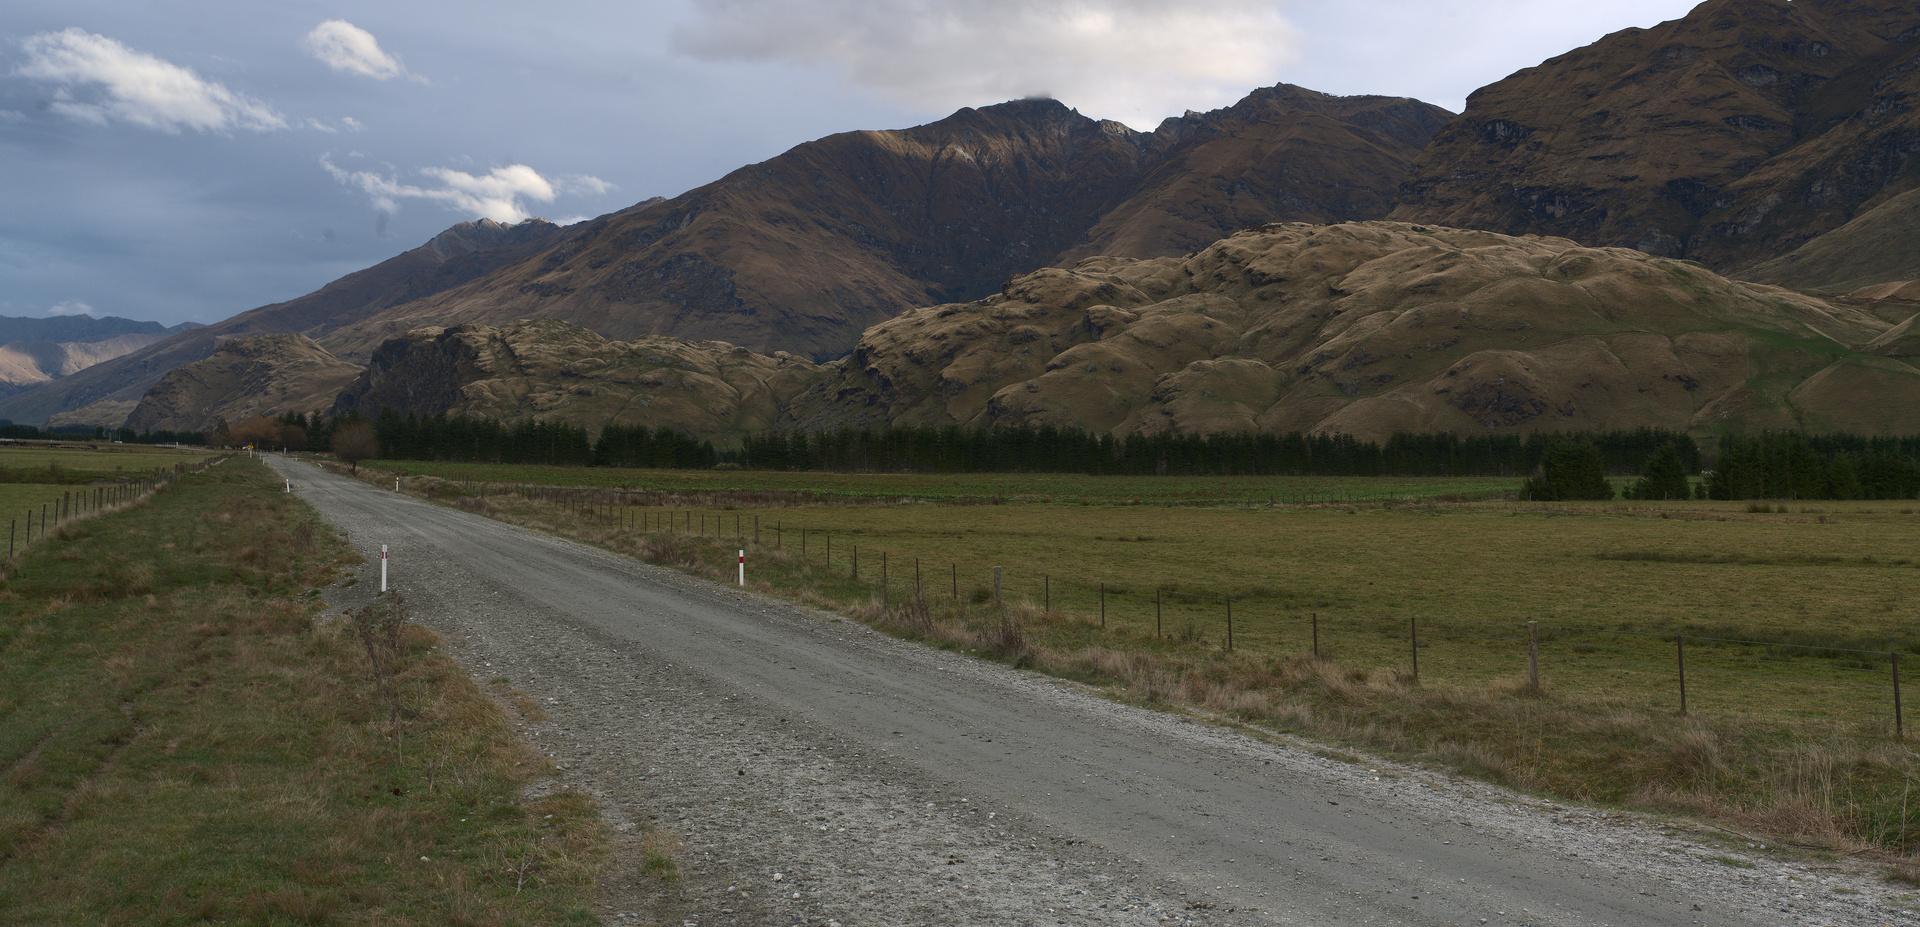 Driving up the Matukituki Valley